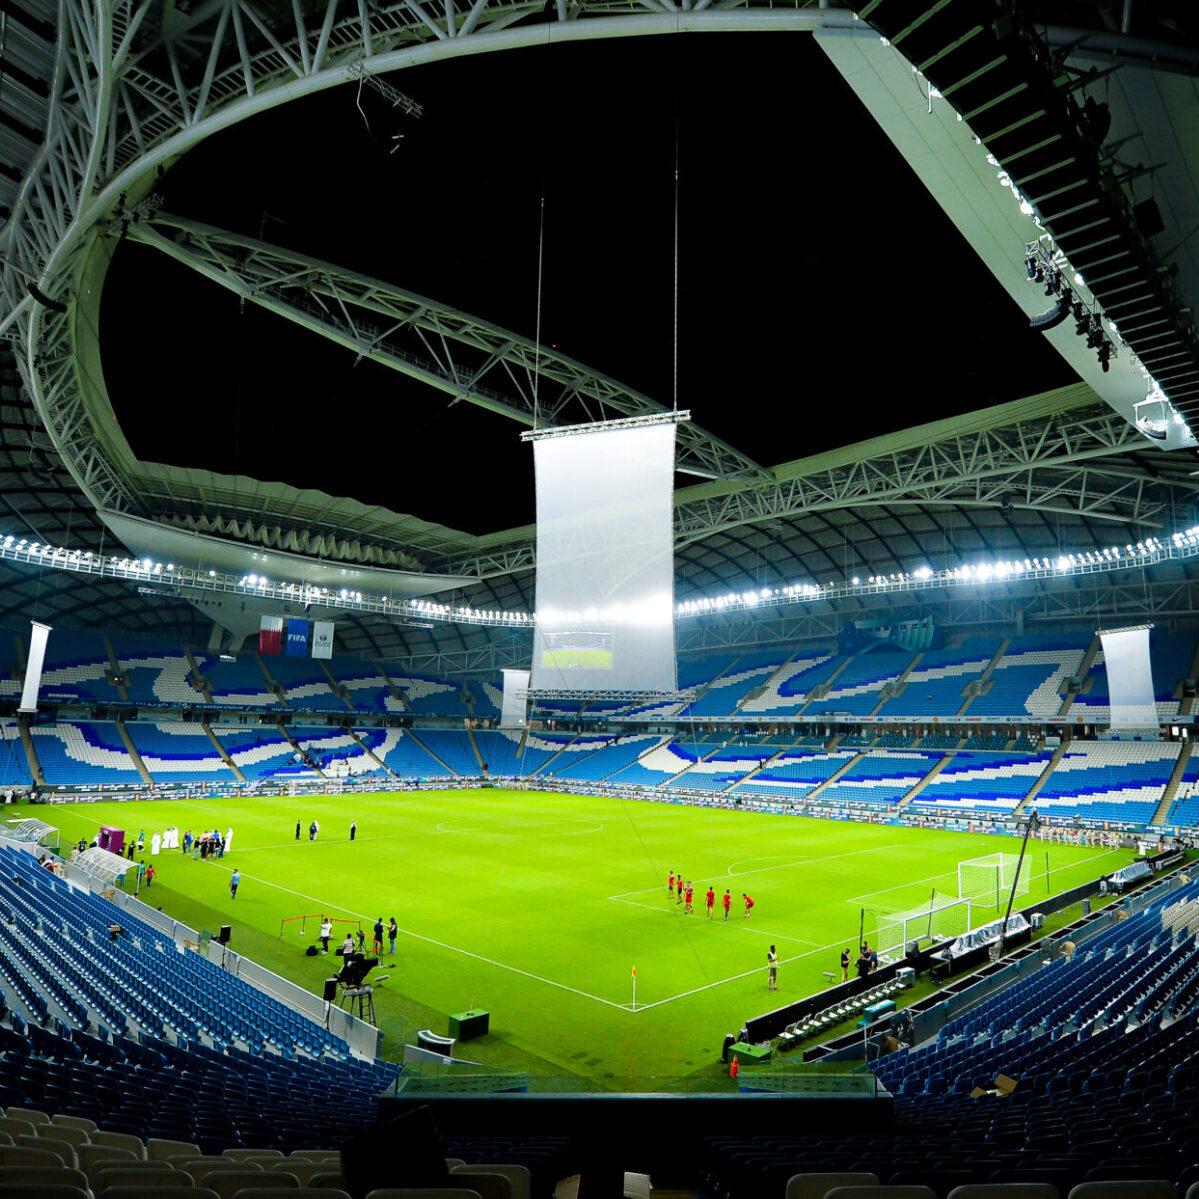 in-stadium